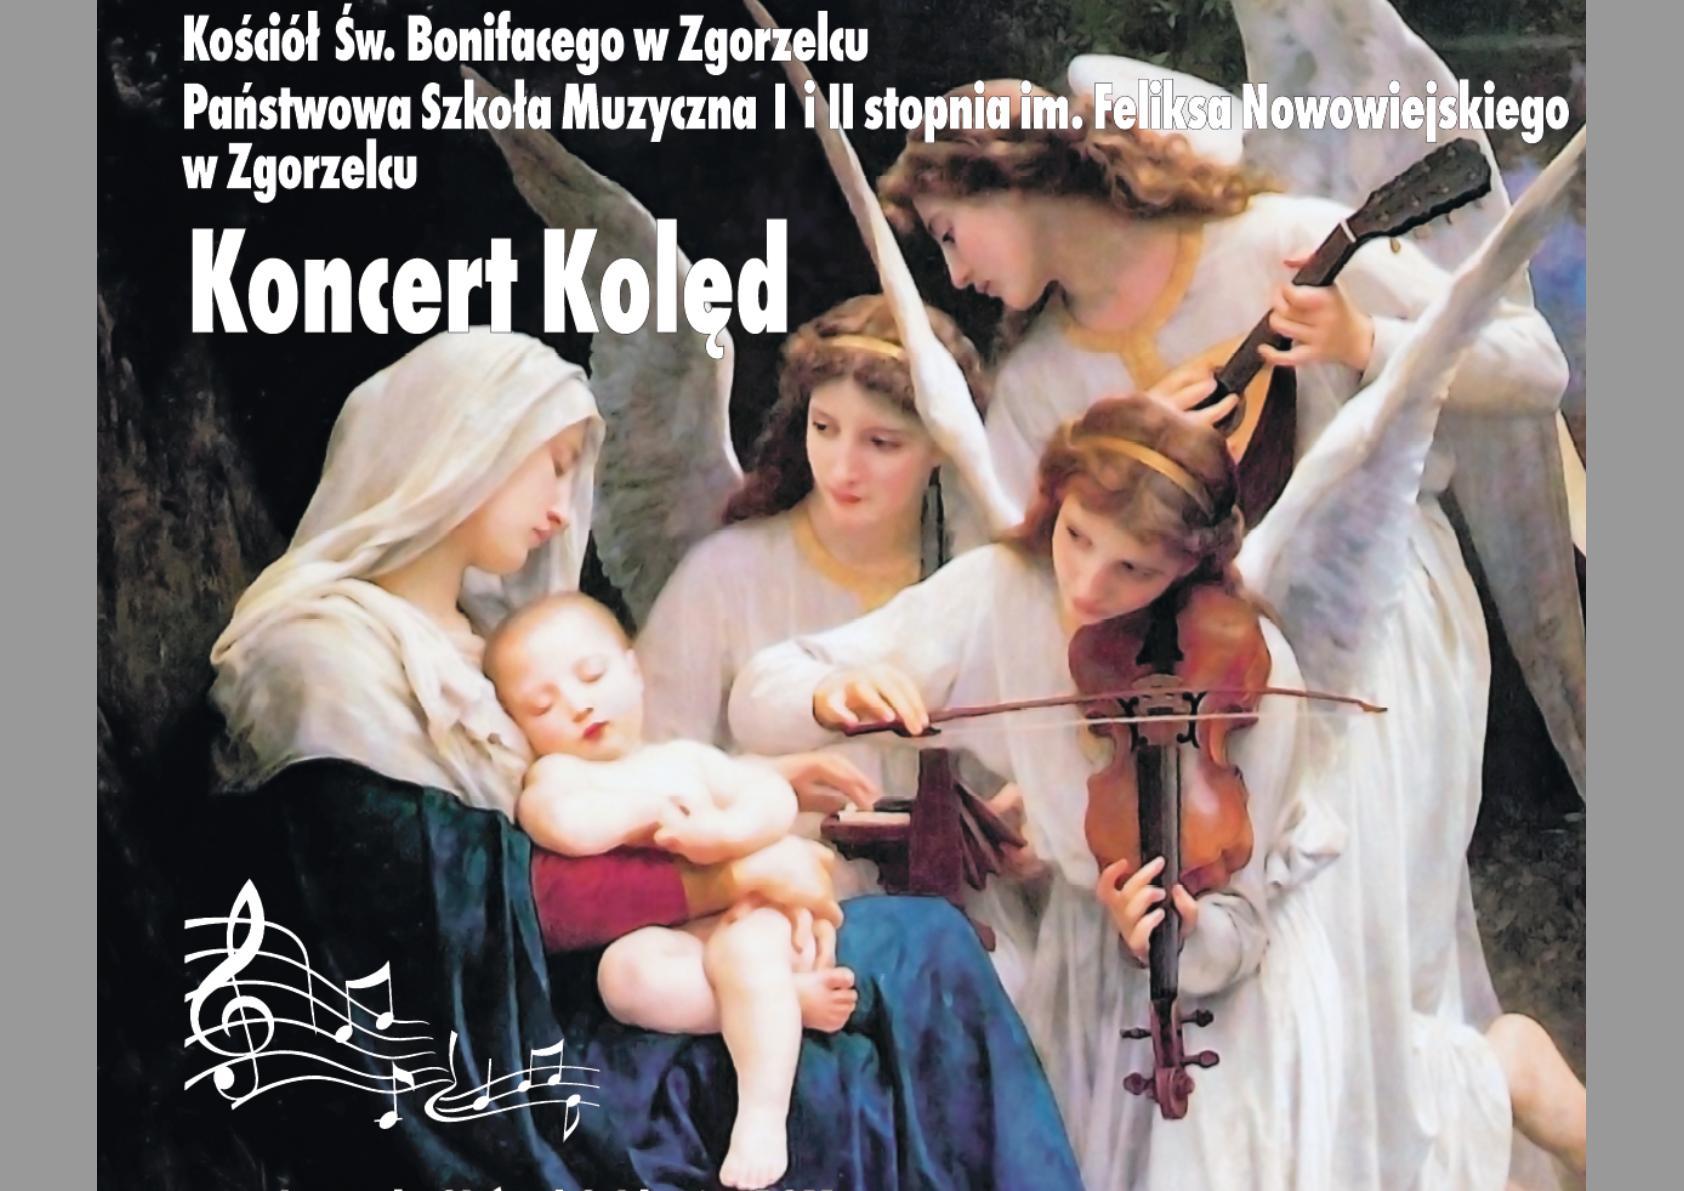 Zdjęcie dla wpisu -Koncert Kolęd u Bonifacego